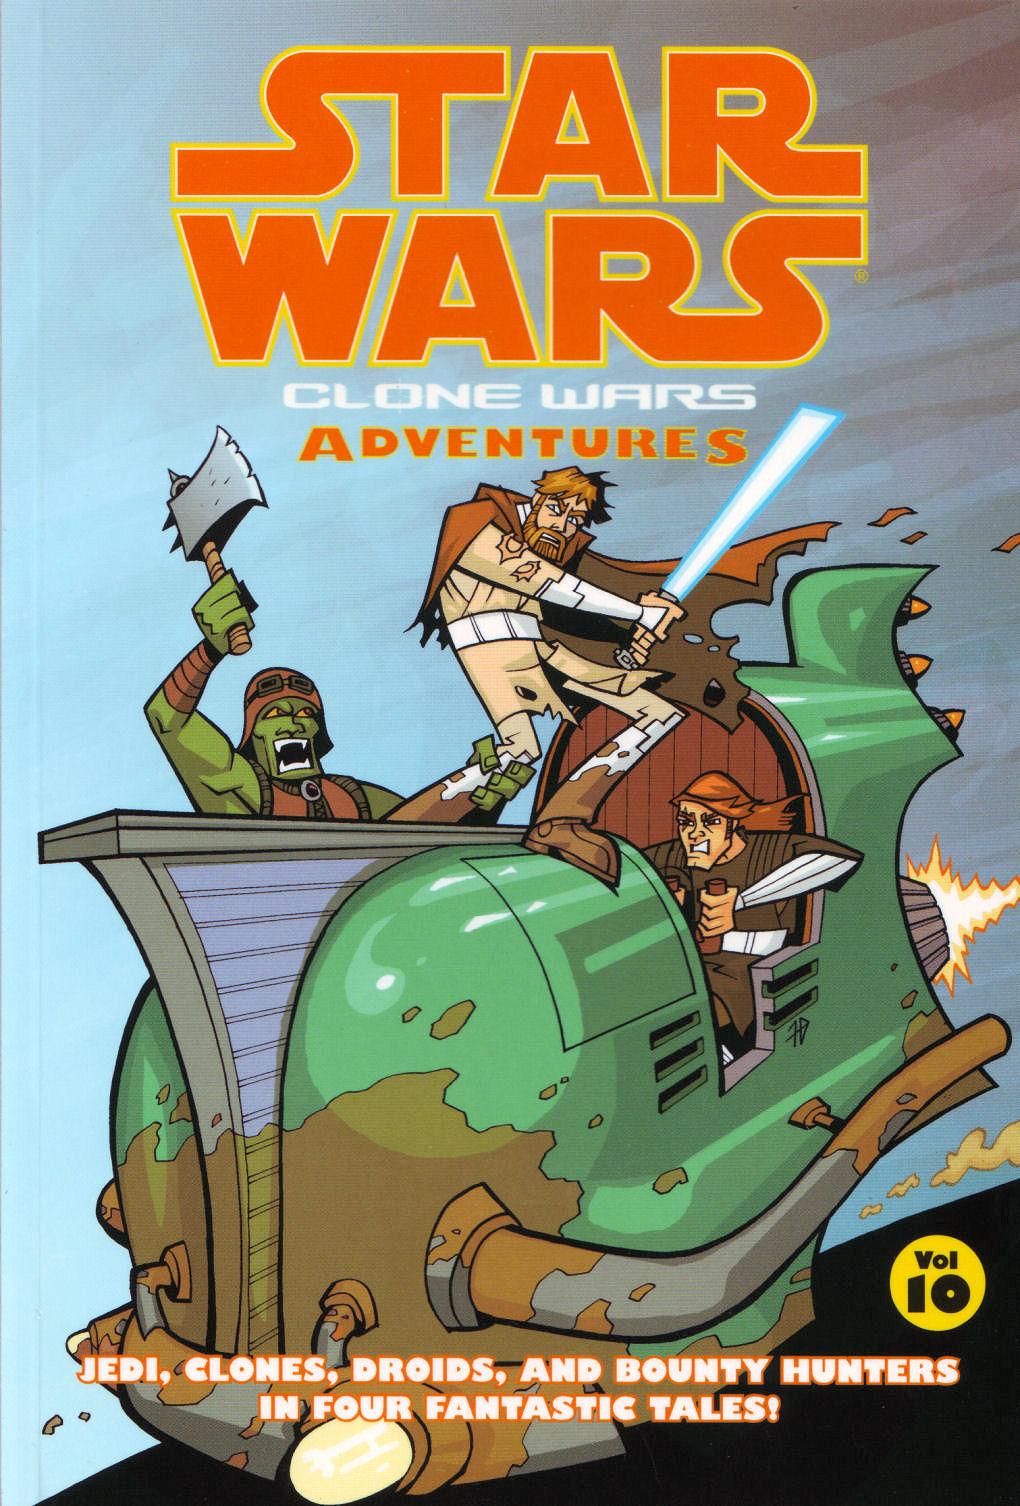 Star Wars Clone Wars Comic Books Star Wars Clone Wars